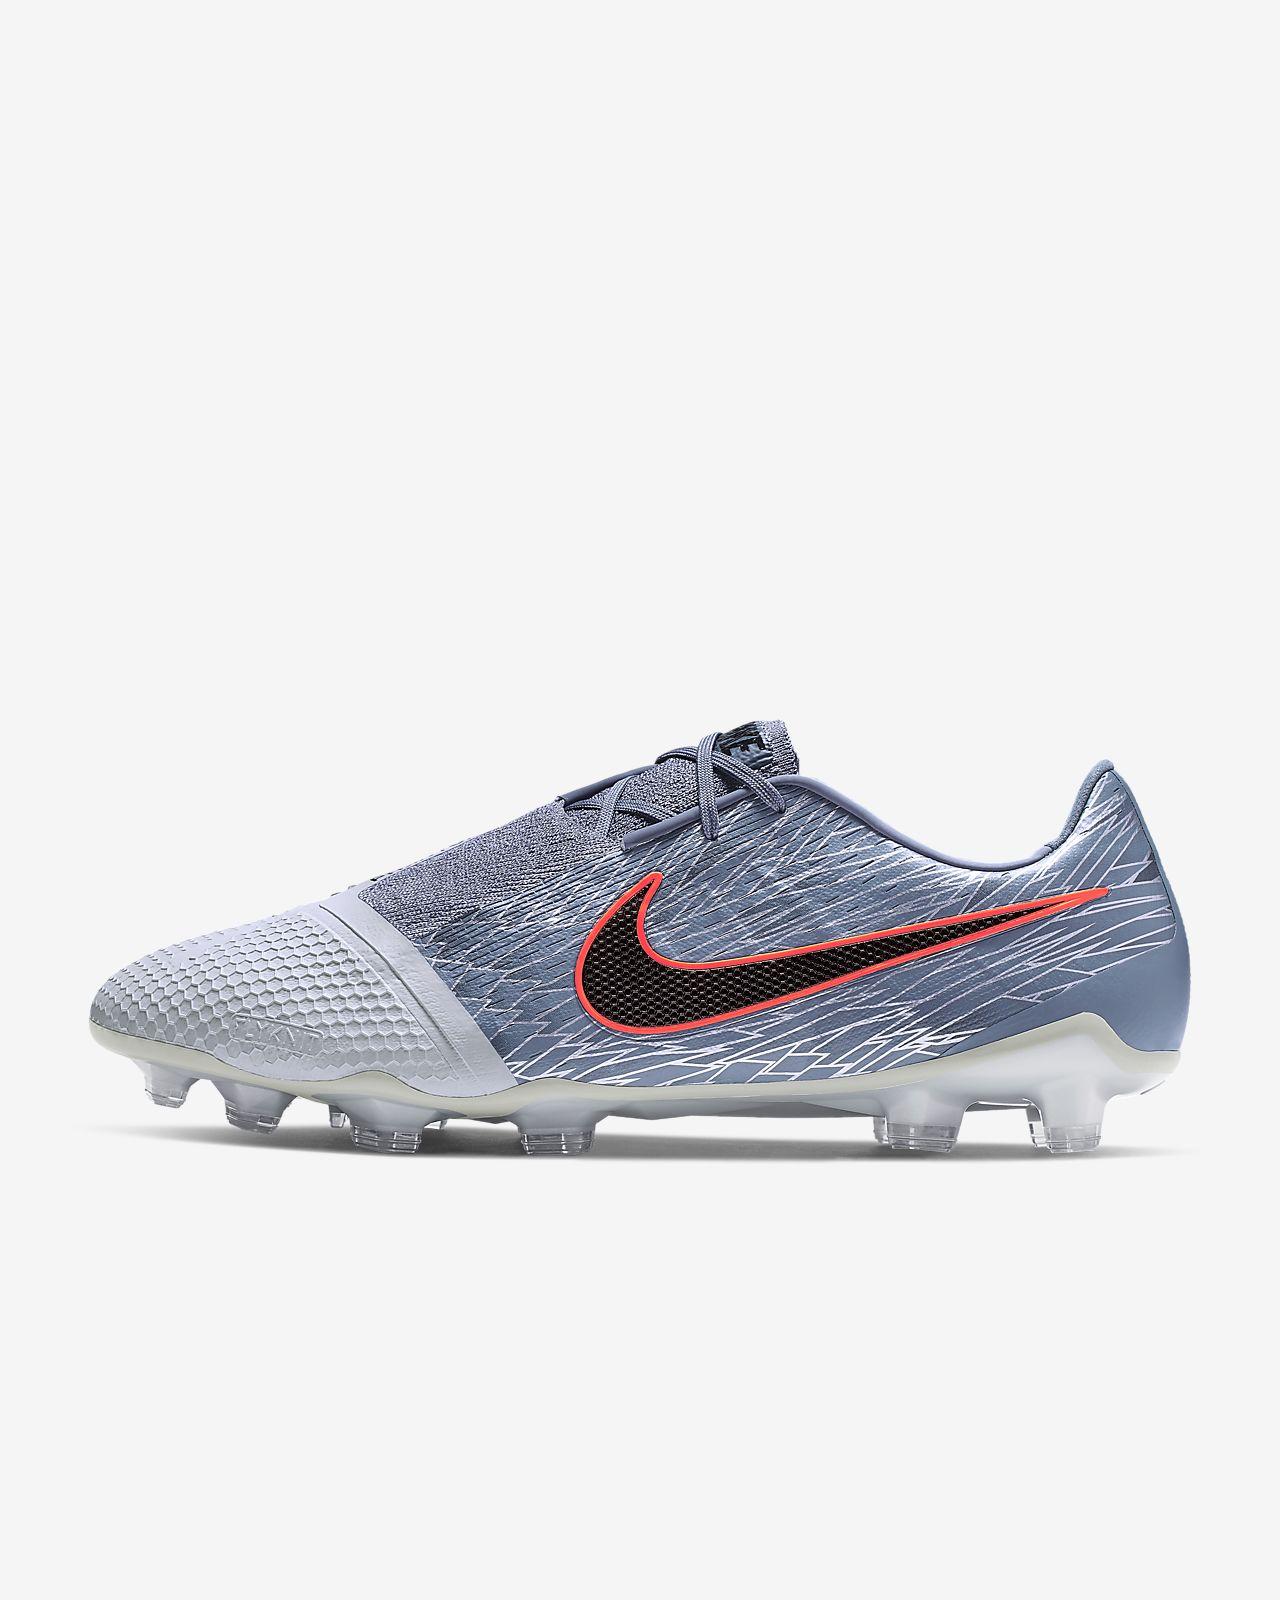 cheap for discount a8541 cff3b Nike Phantom Venom Elite FG-fodboldstøvle til græs. Nike.com DK